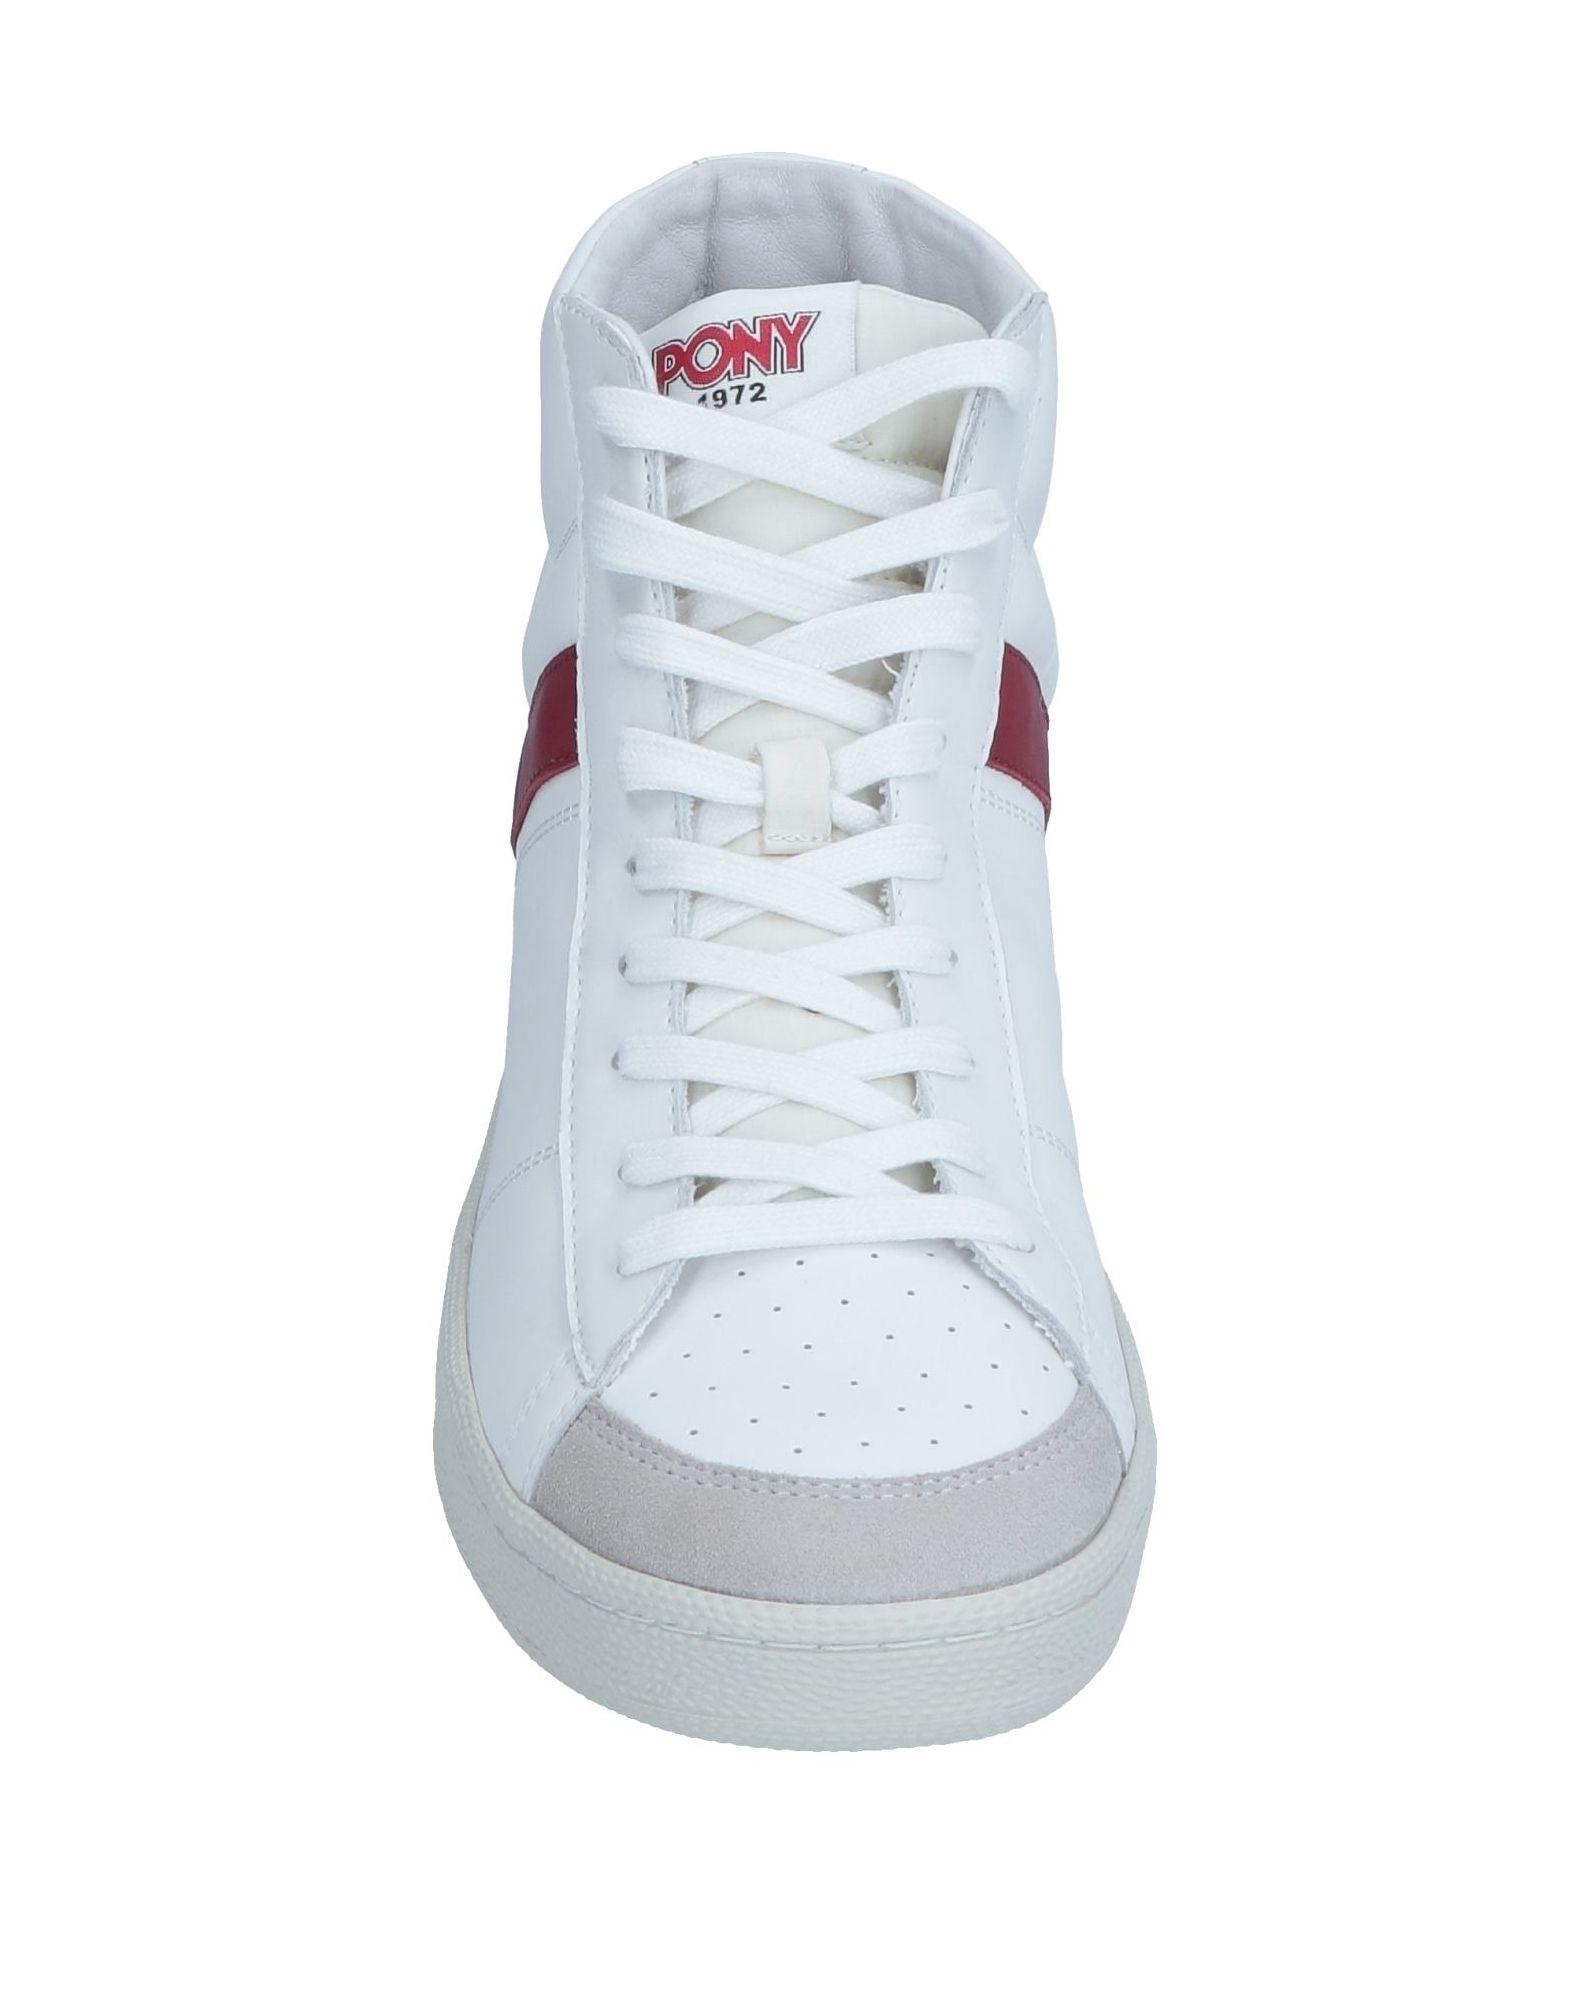 Rabatt echte  Schuhe Pony Sneakers Herren  echte 11546953XI b9adc7